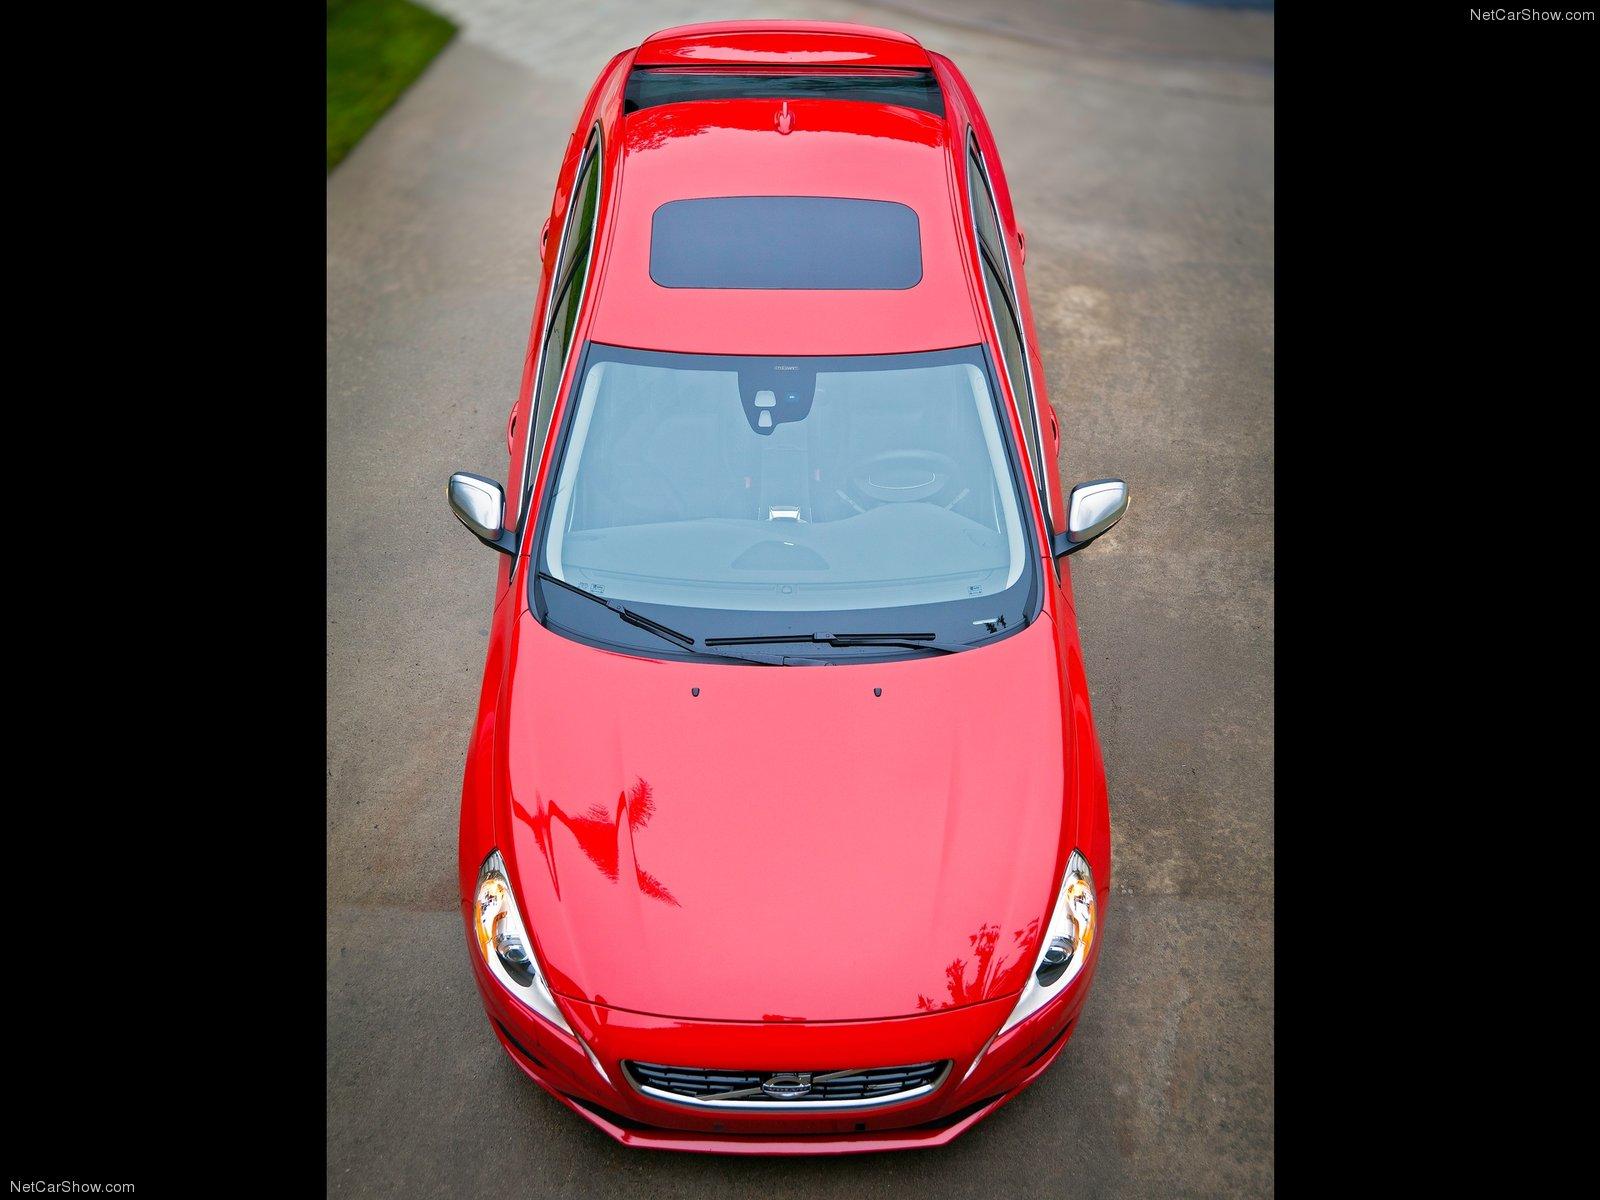 Volvo S60 R-Design 2011 Volvo-S60_R-Design-2011-1600-3a